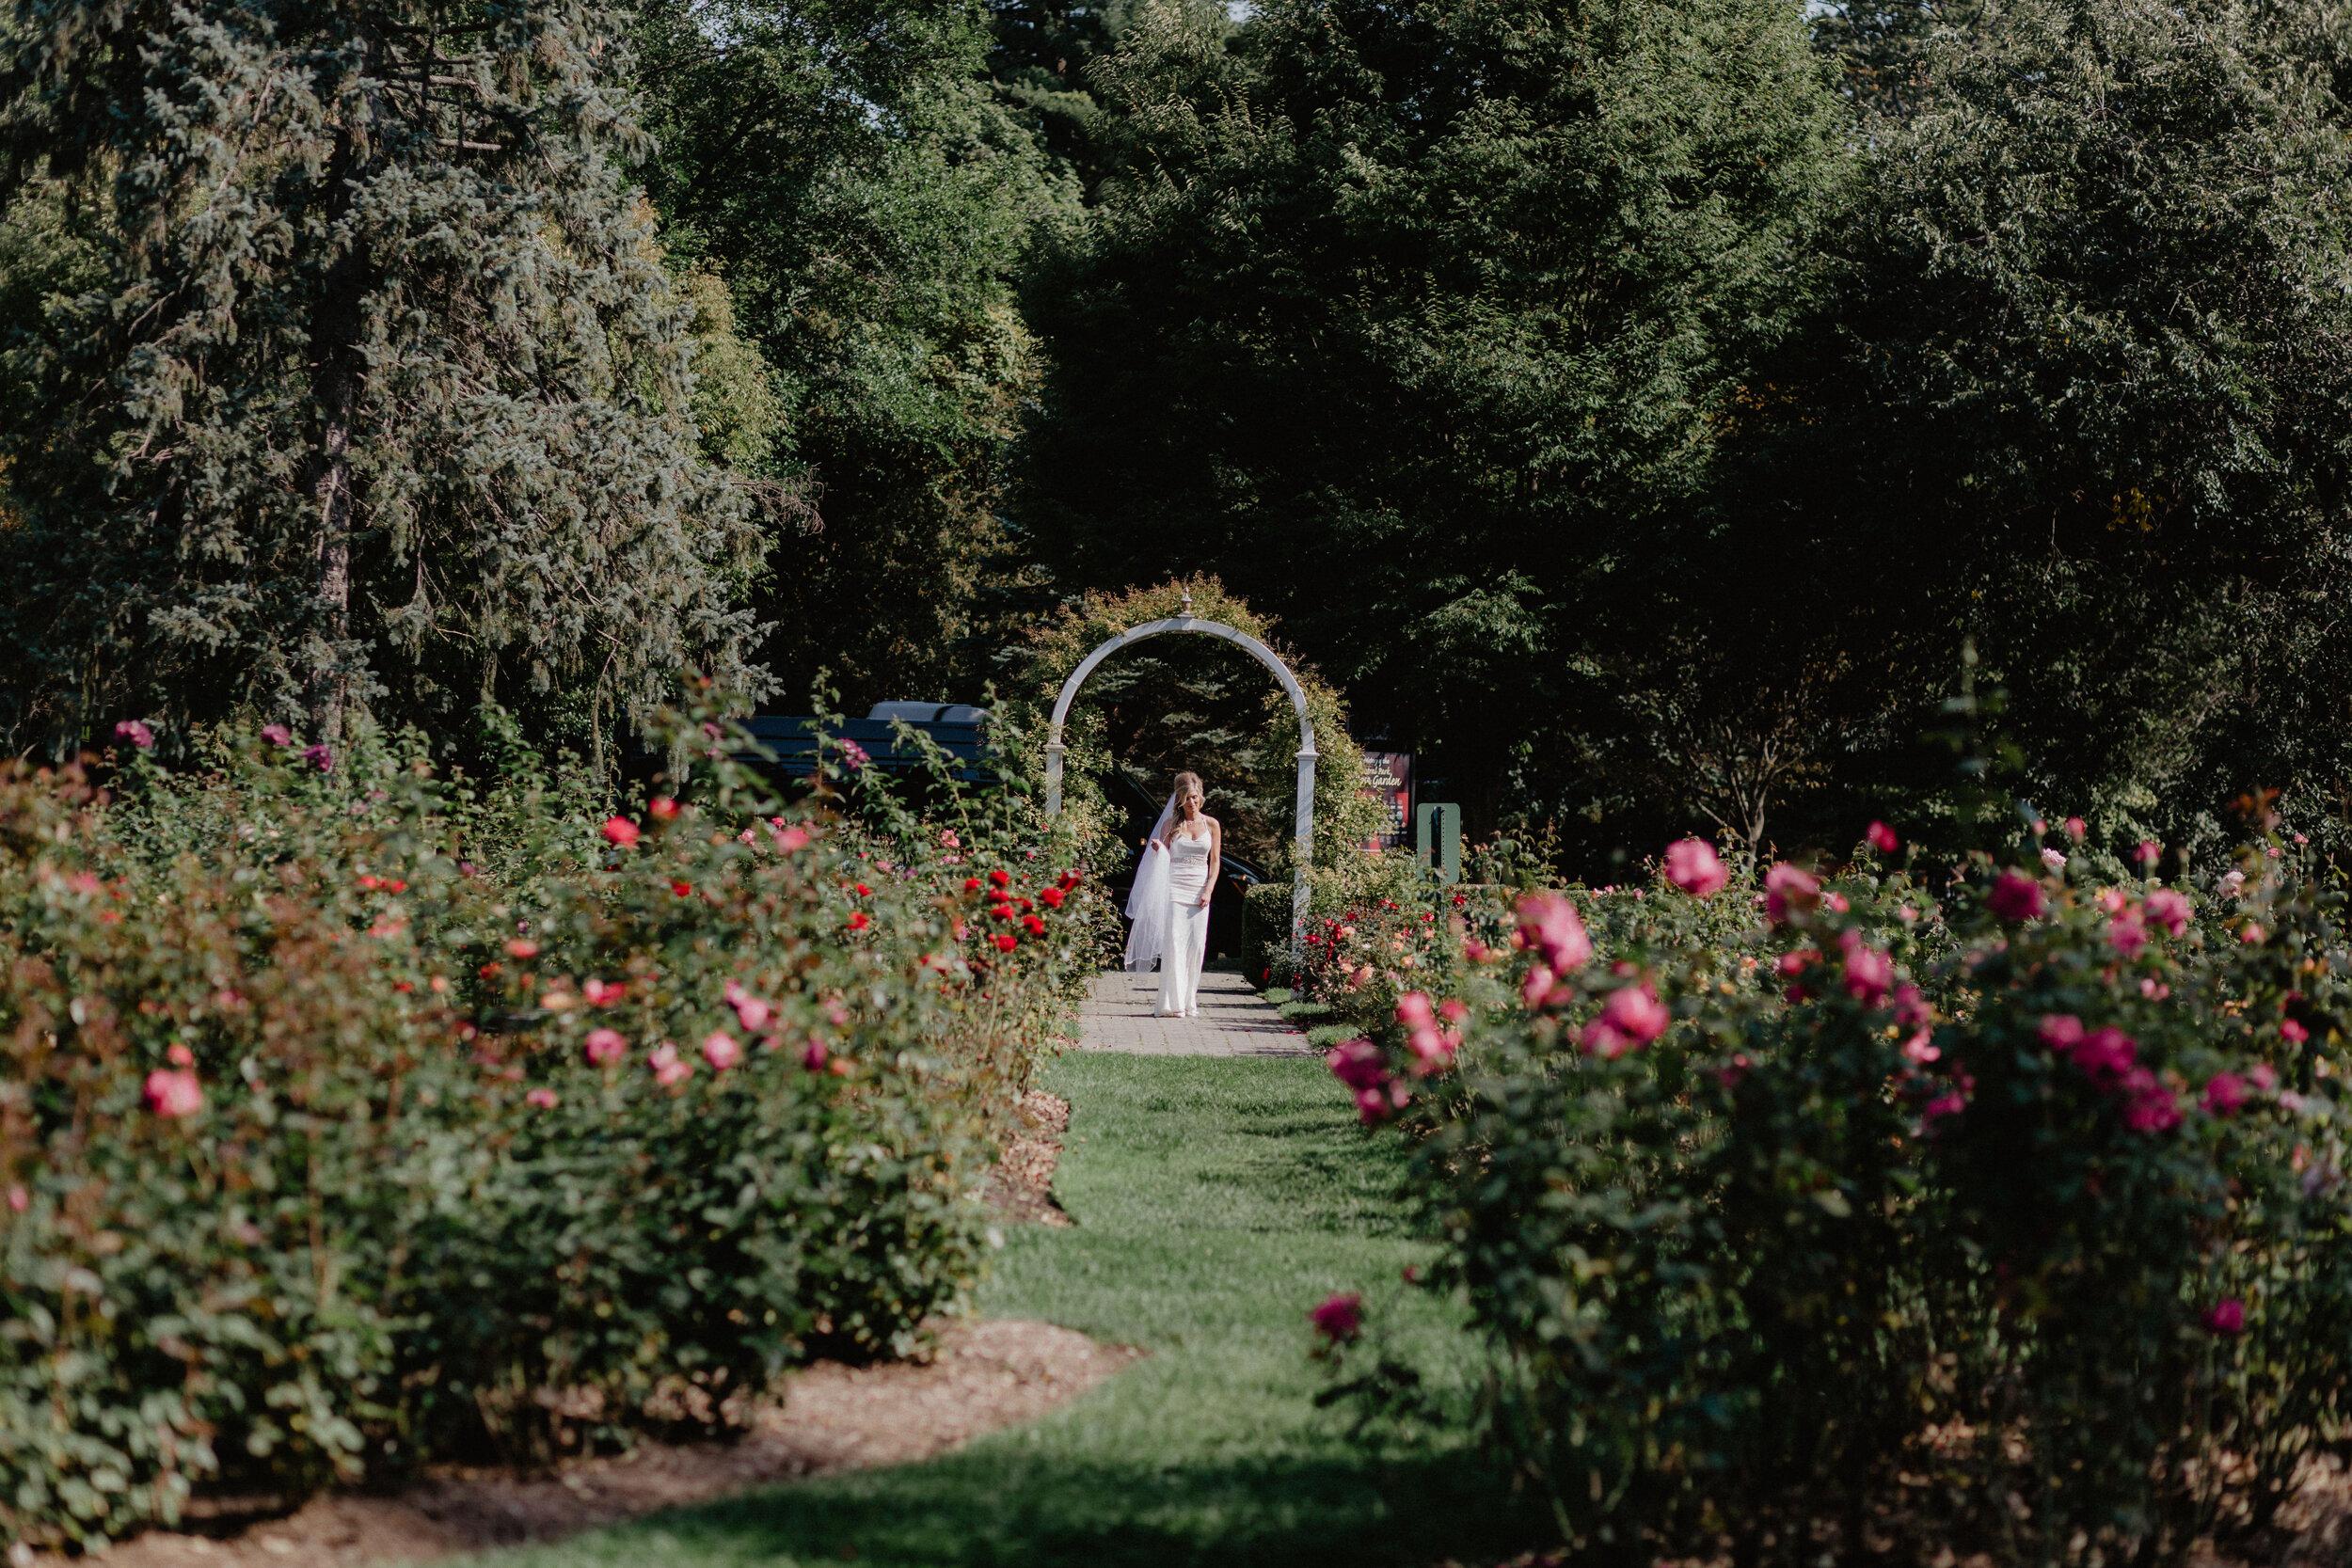 schenectady-new-york-wedding014.jpg